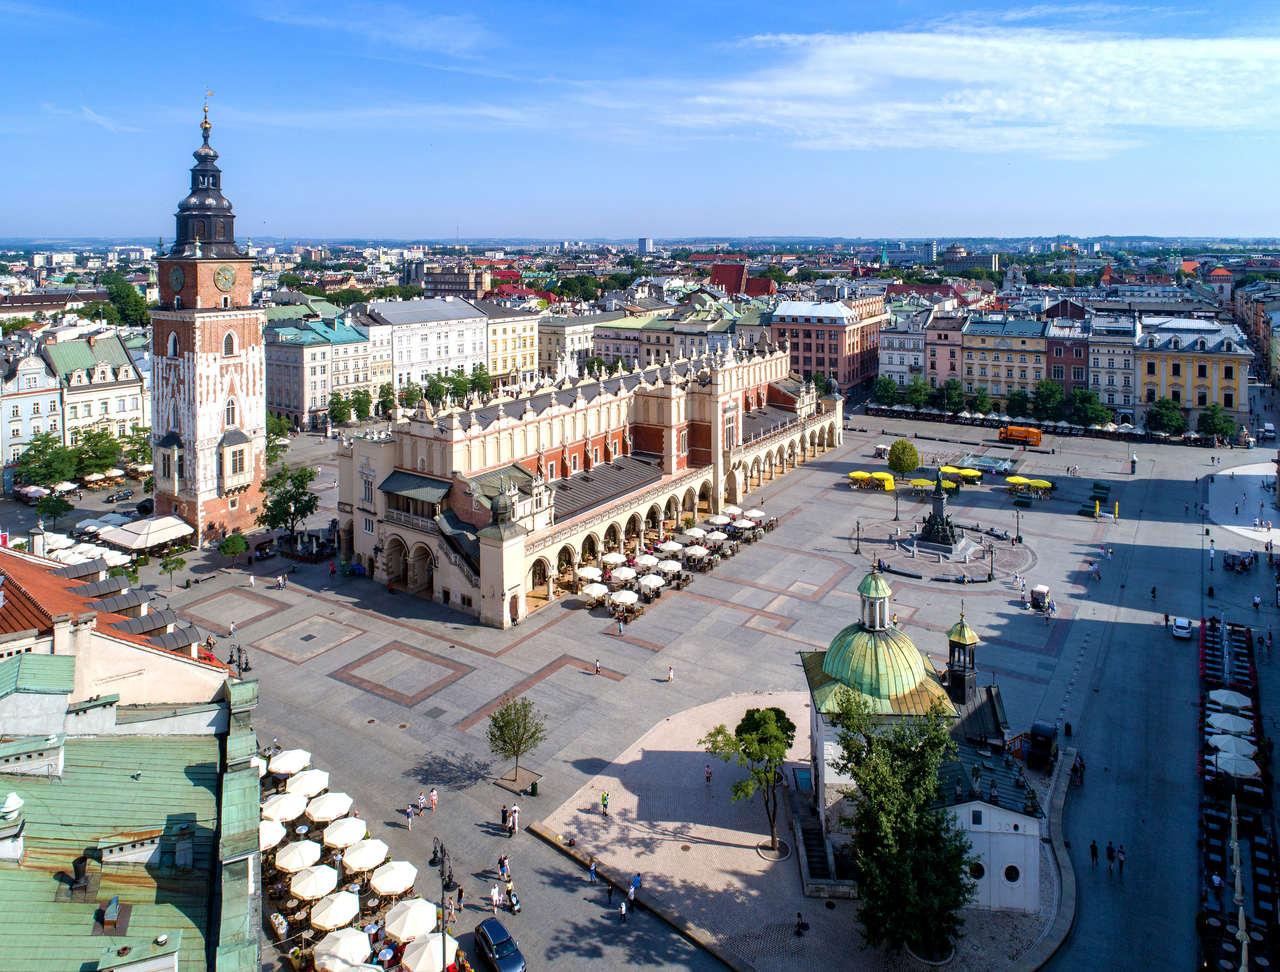 Apartamenty Kraków – widok z lotu ptaka na krakowski rynek